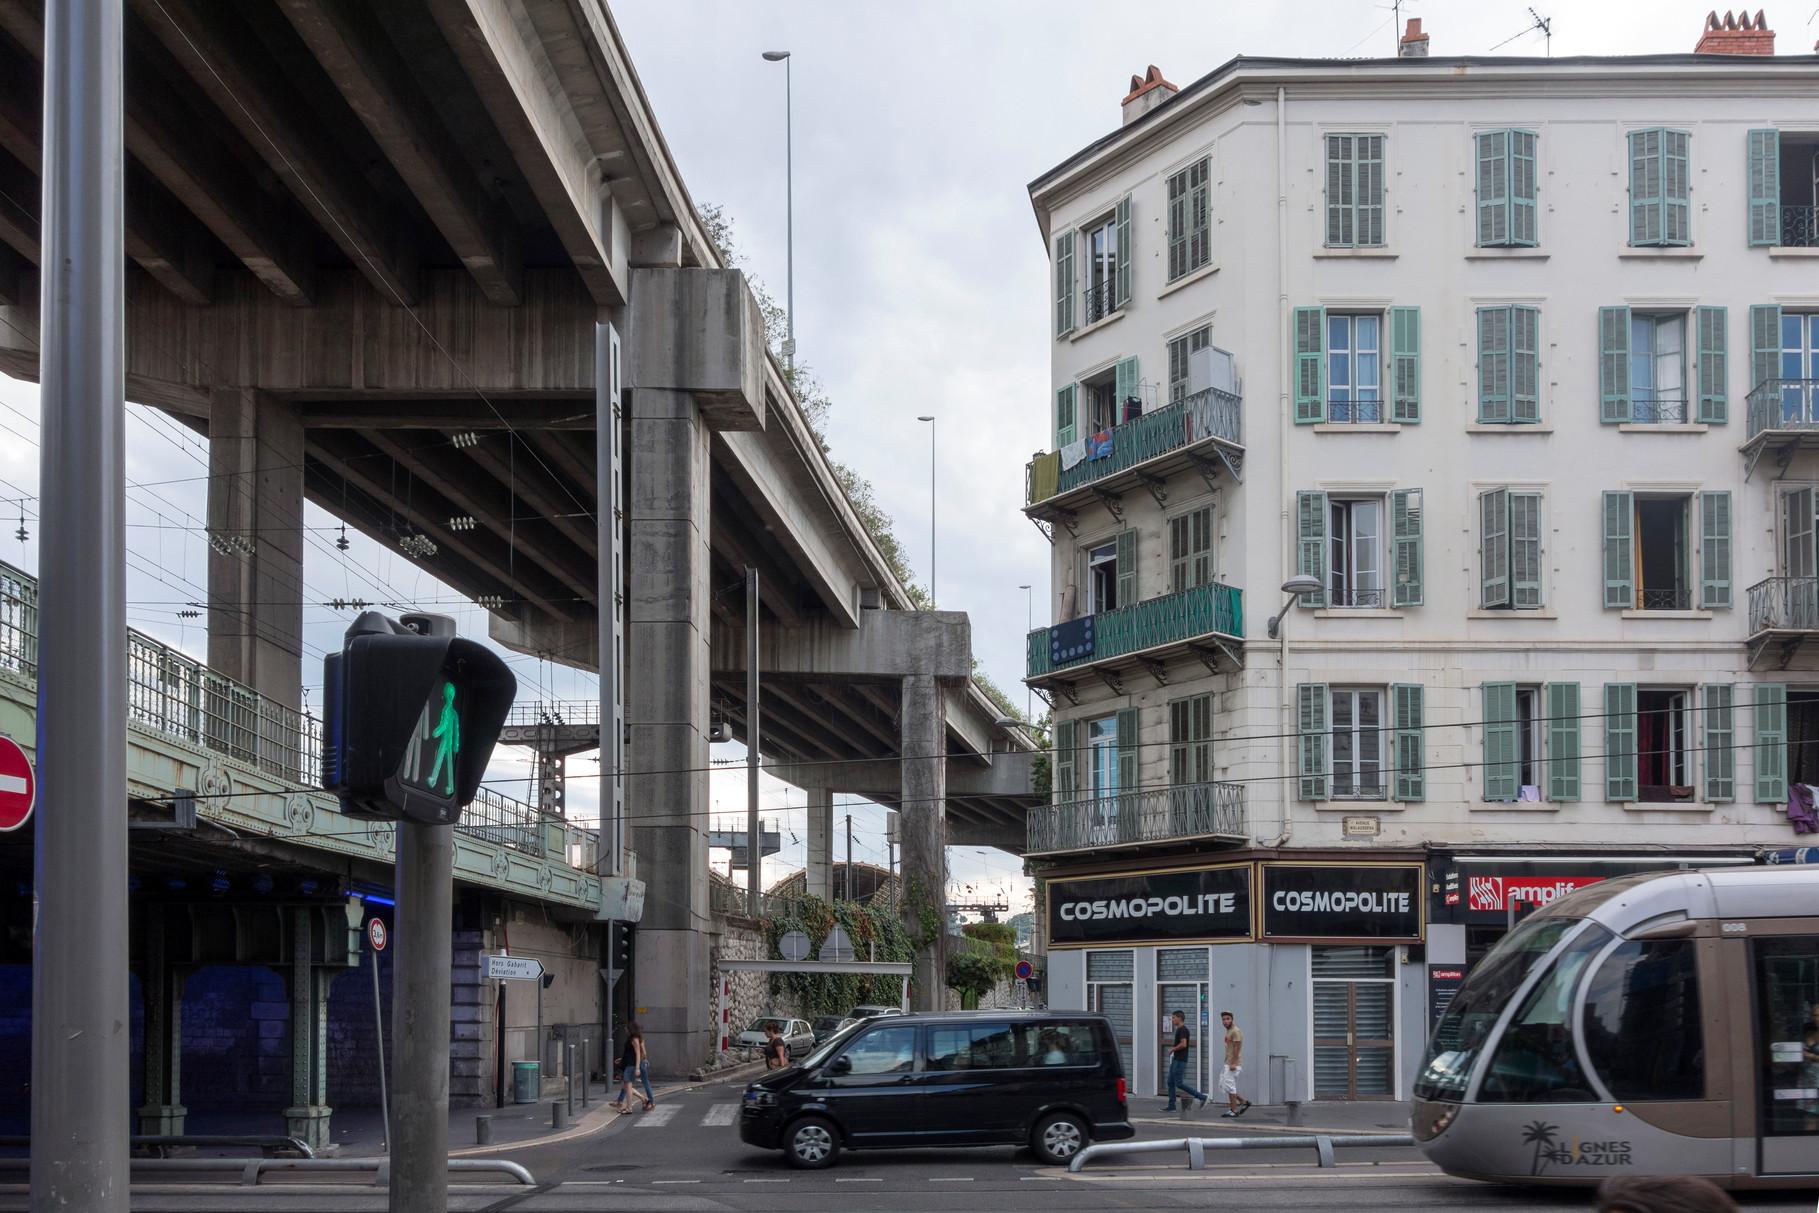 Stadtautobahn - Bausünde aus den 70er Jahren